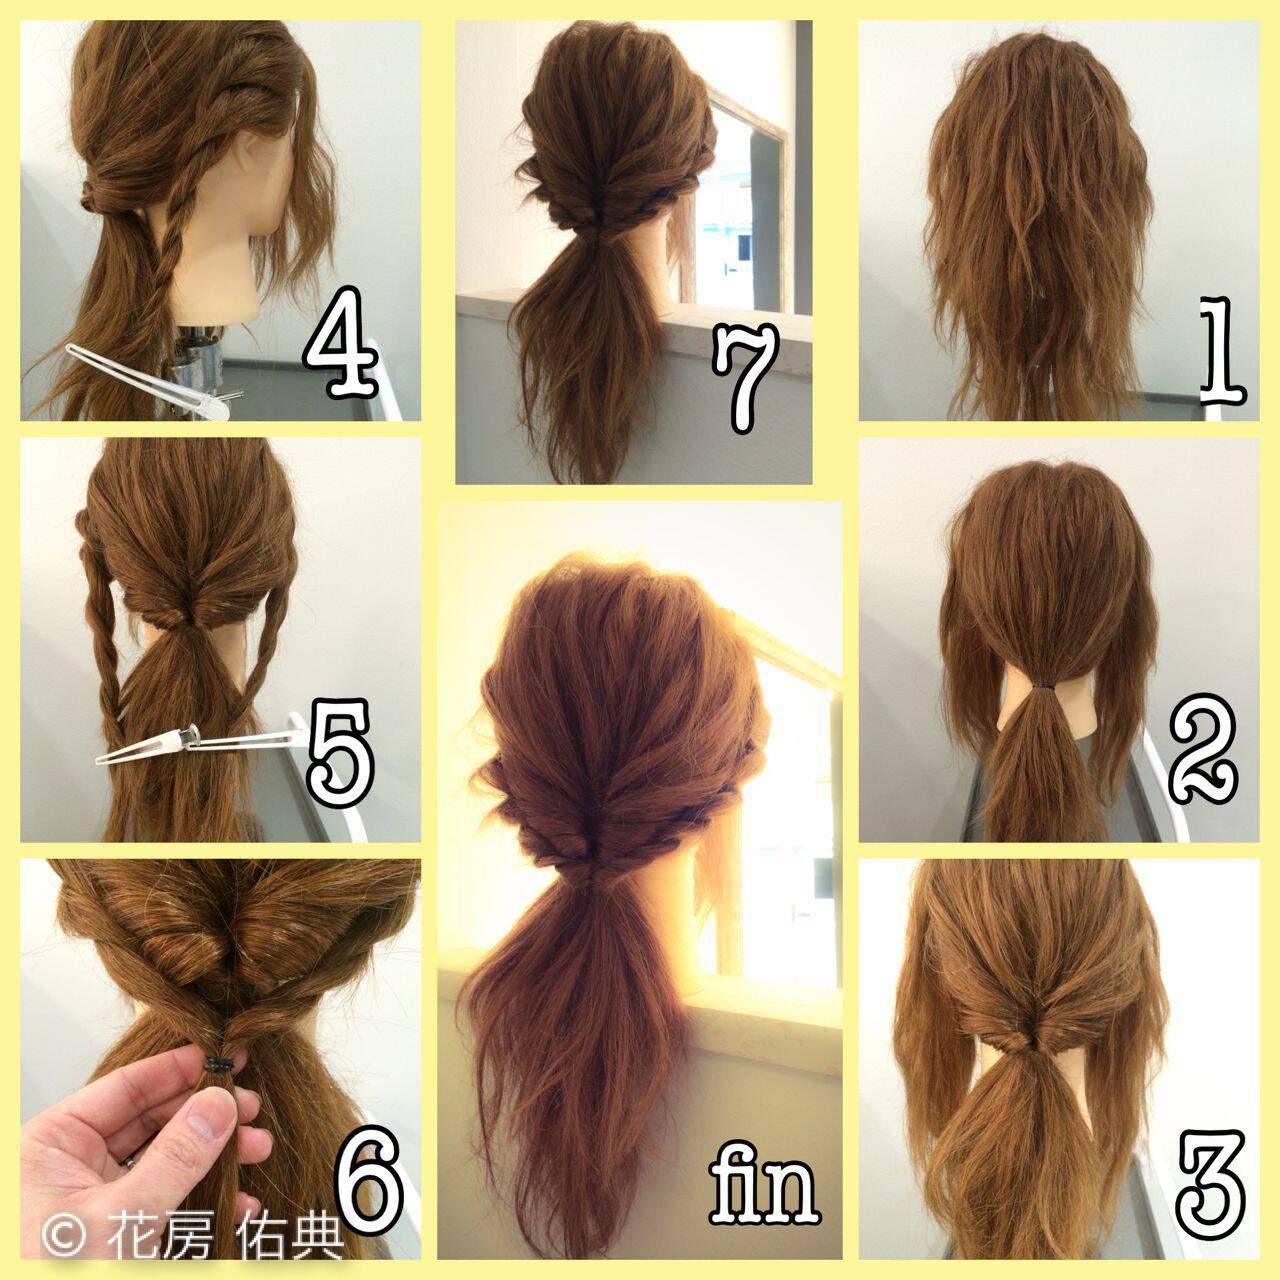 ショート ポニーテール ねじり ヘアアレンジヘアスタイルや髪型の写真・画像